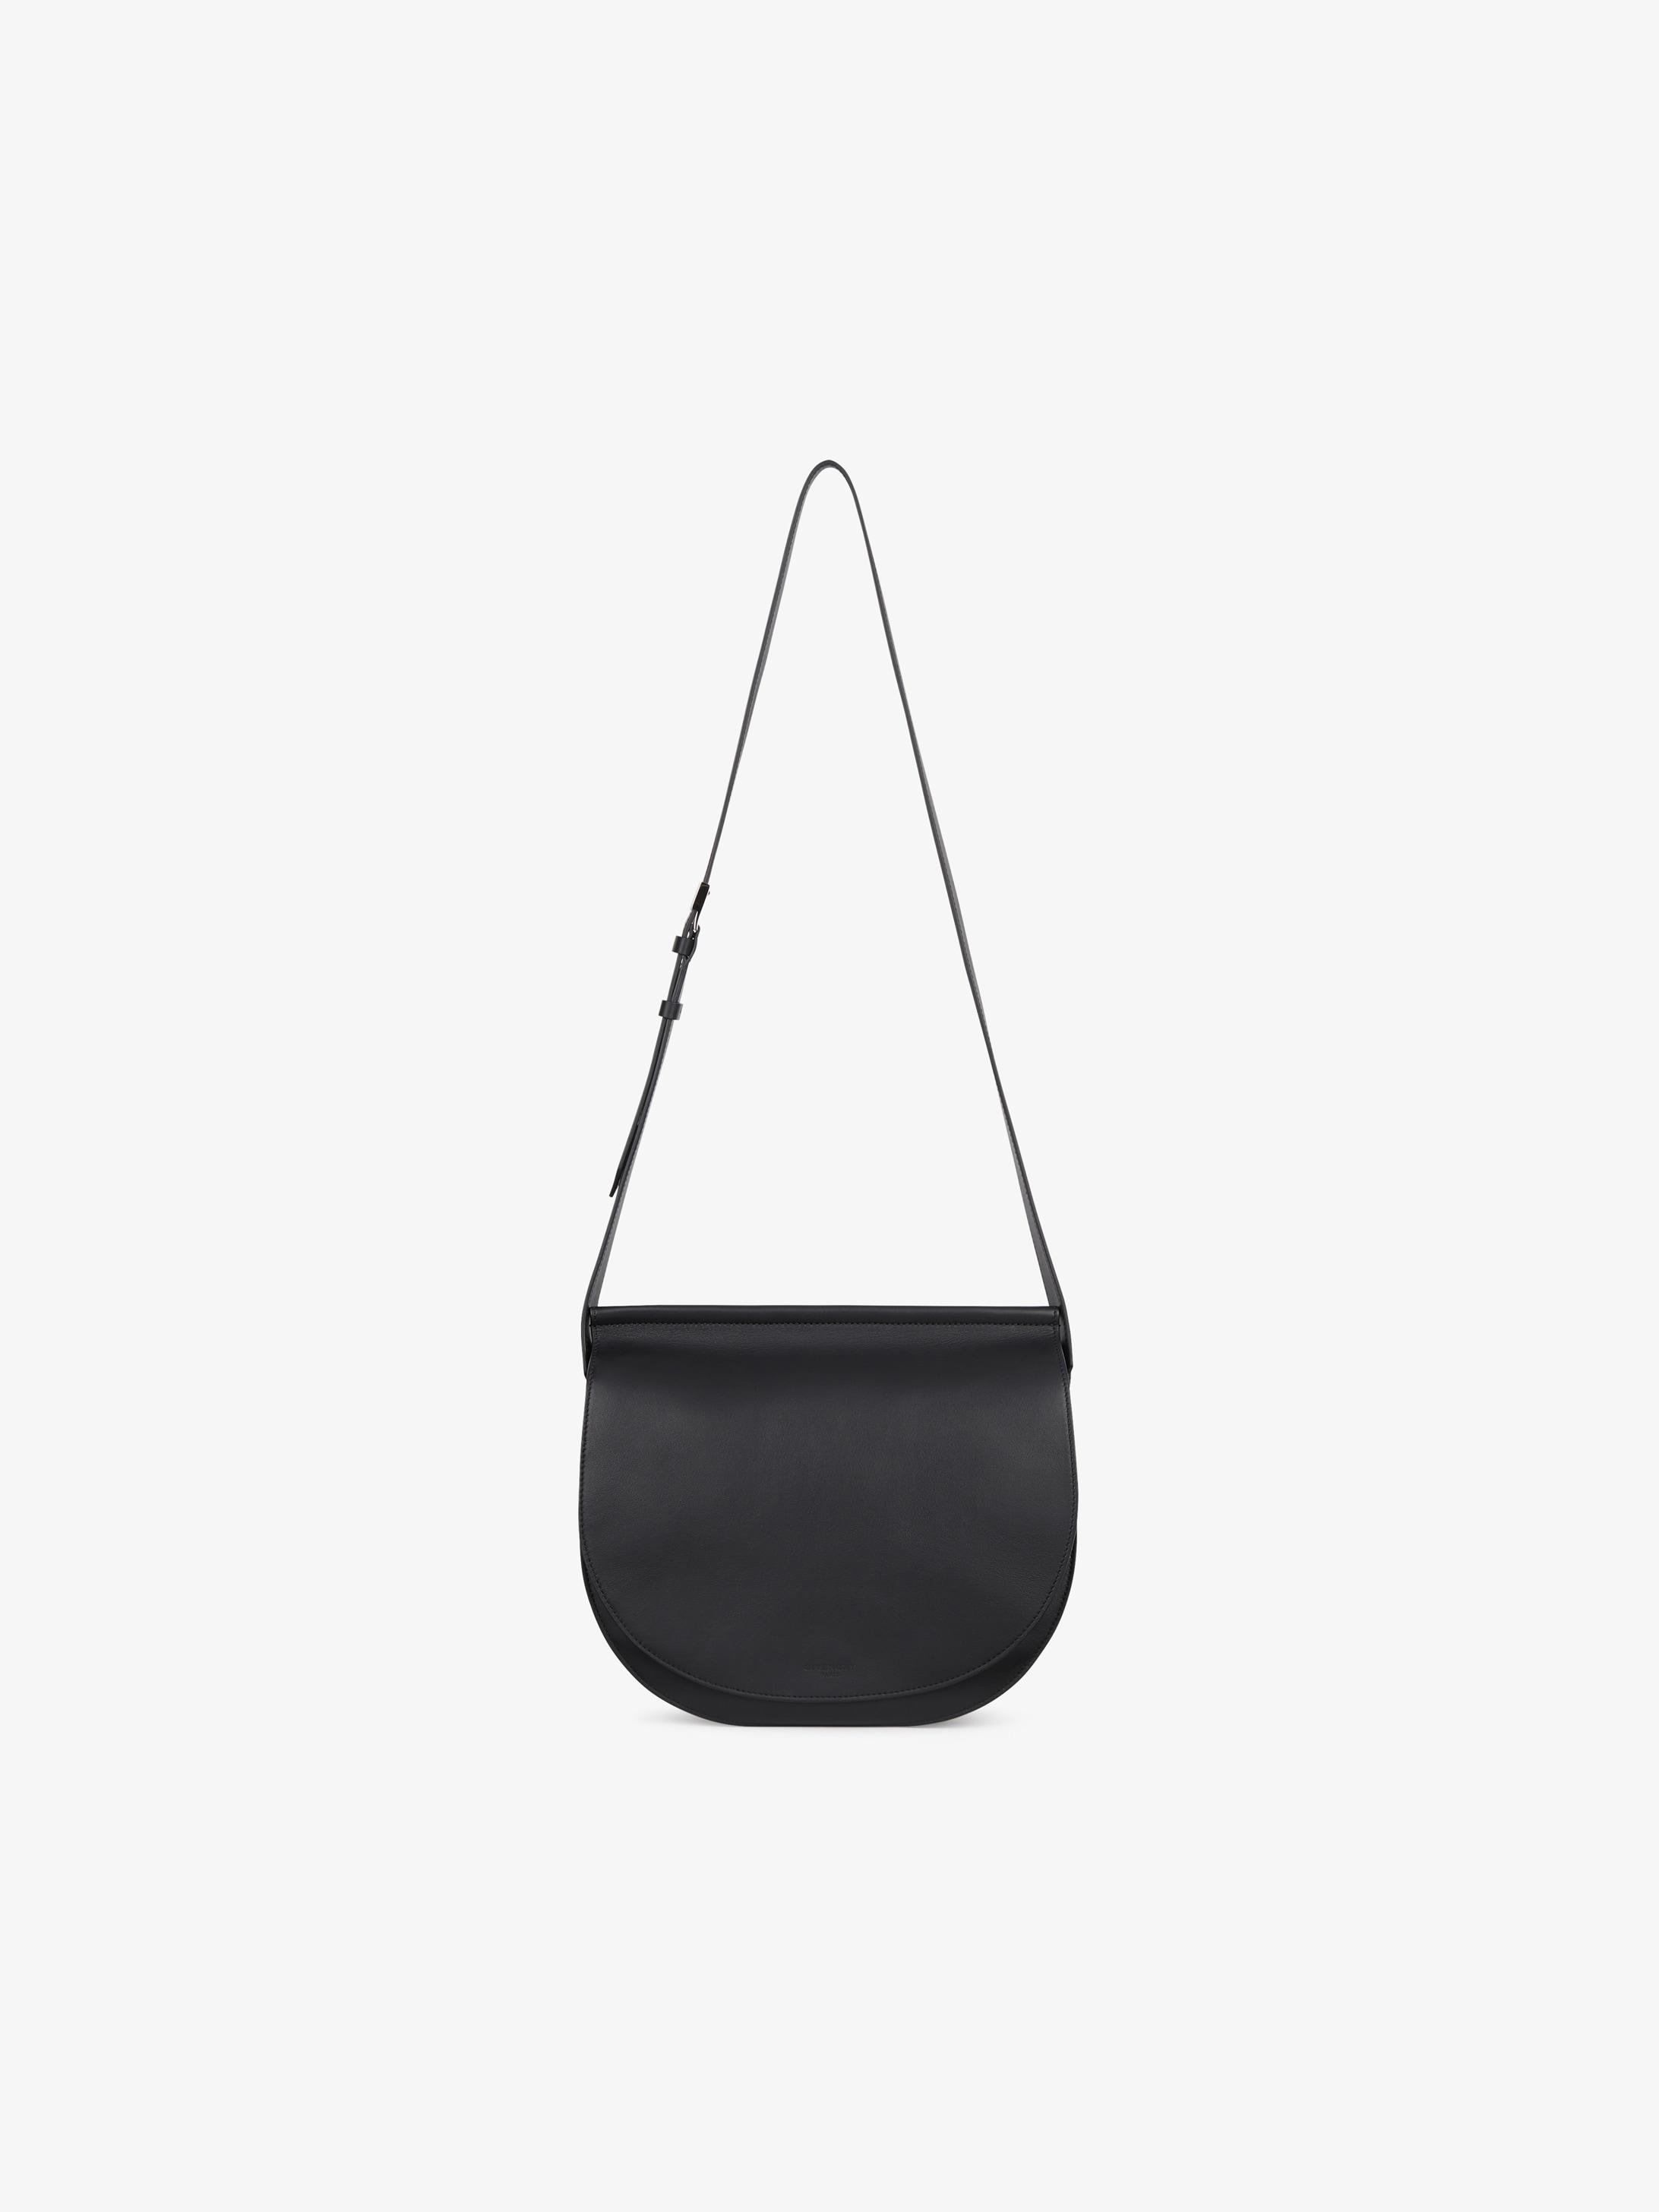 Infinity saddle bag